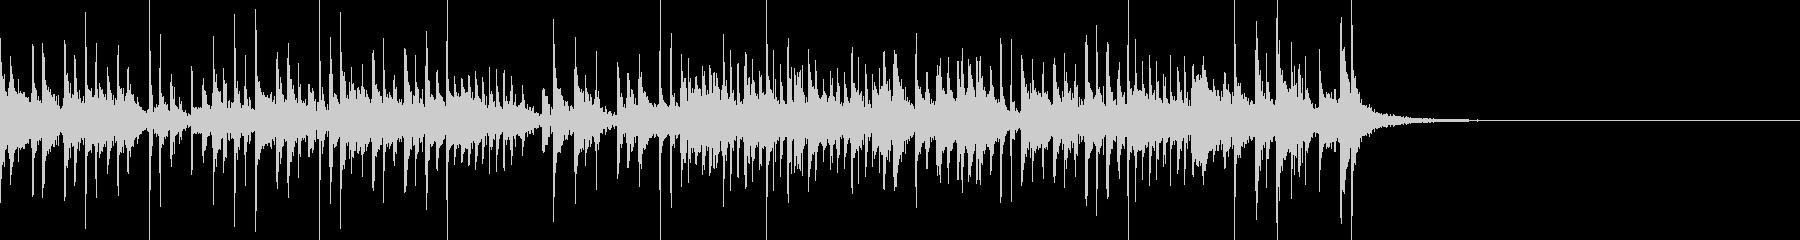 アップテンポなファンキードラムの未再生の波形